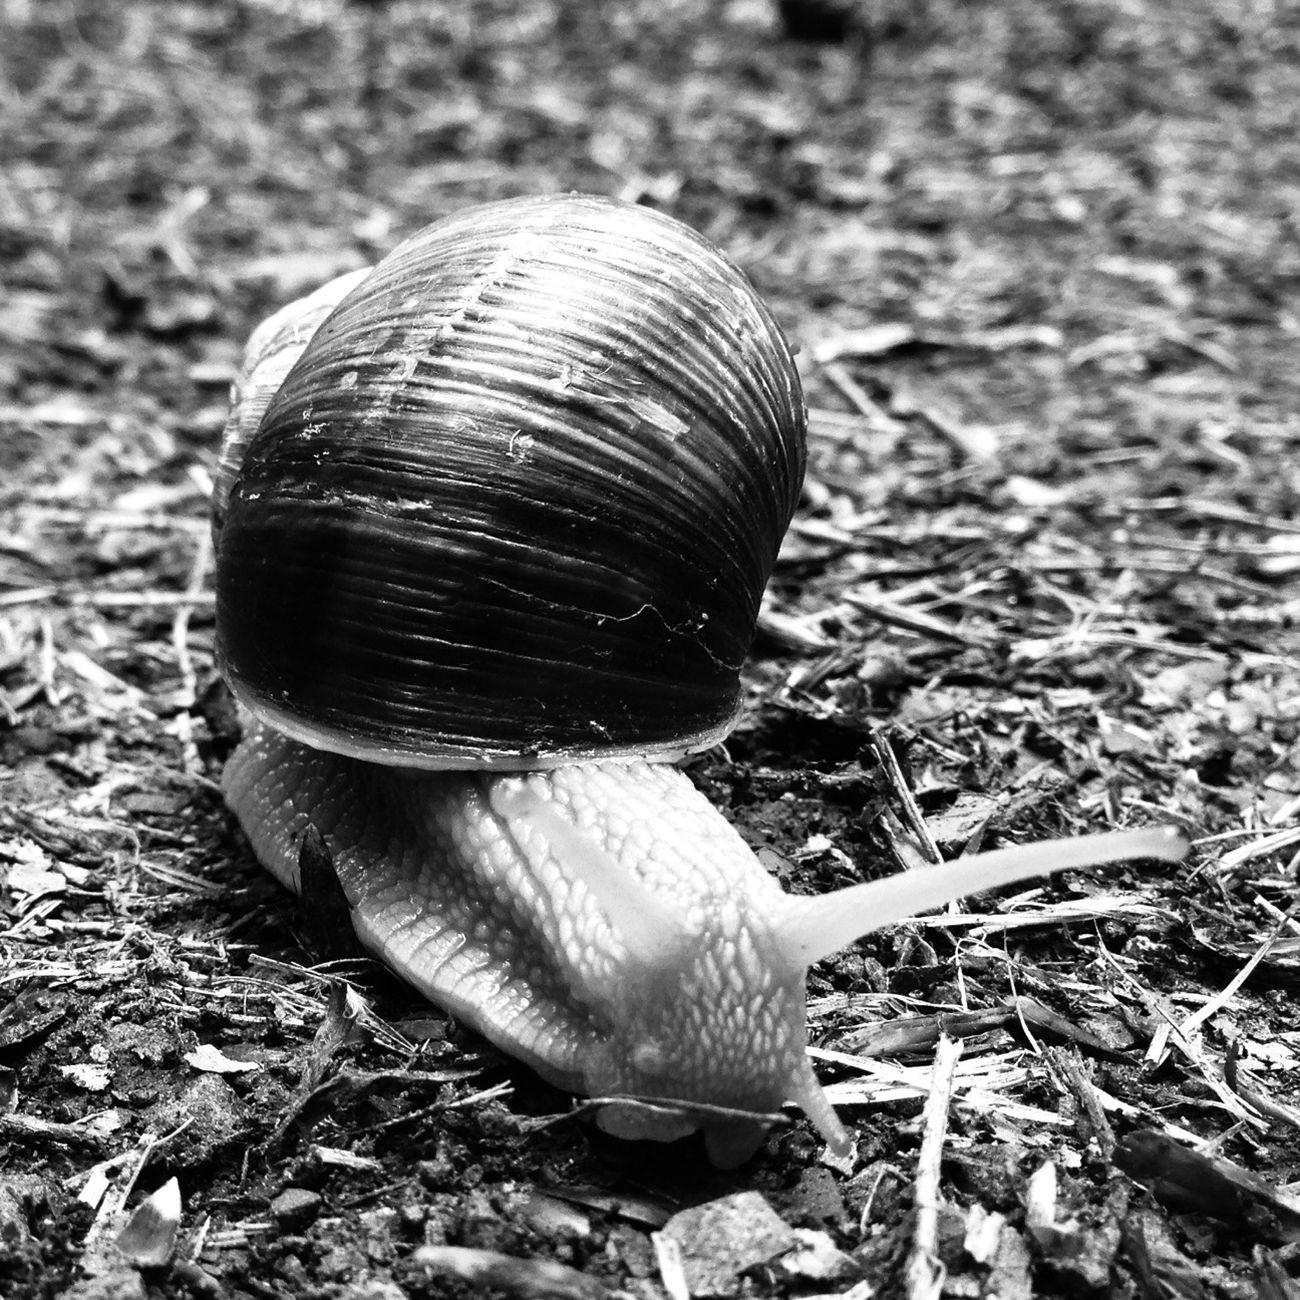 Snailmail. Nature Blackandwhite Schwarz & Weiß Snail